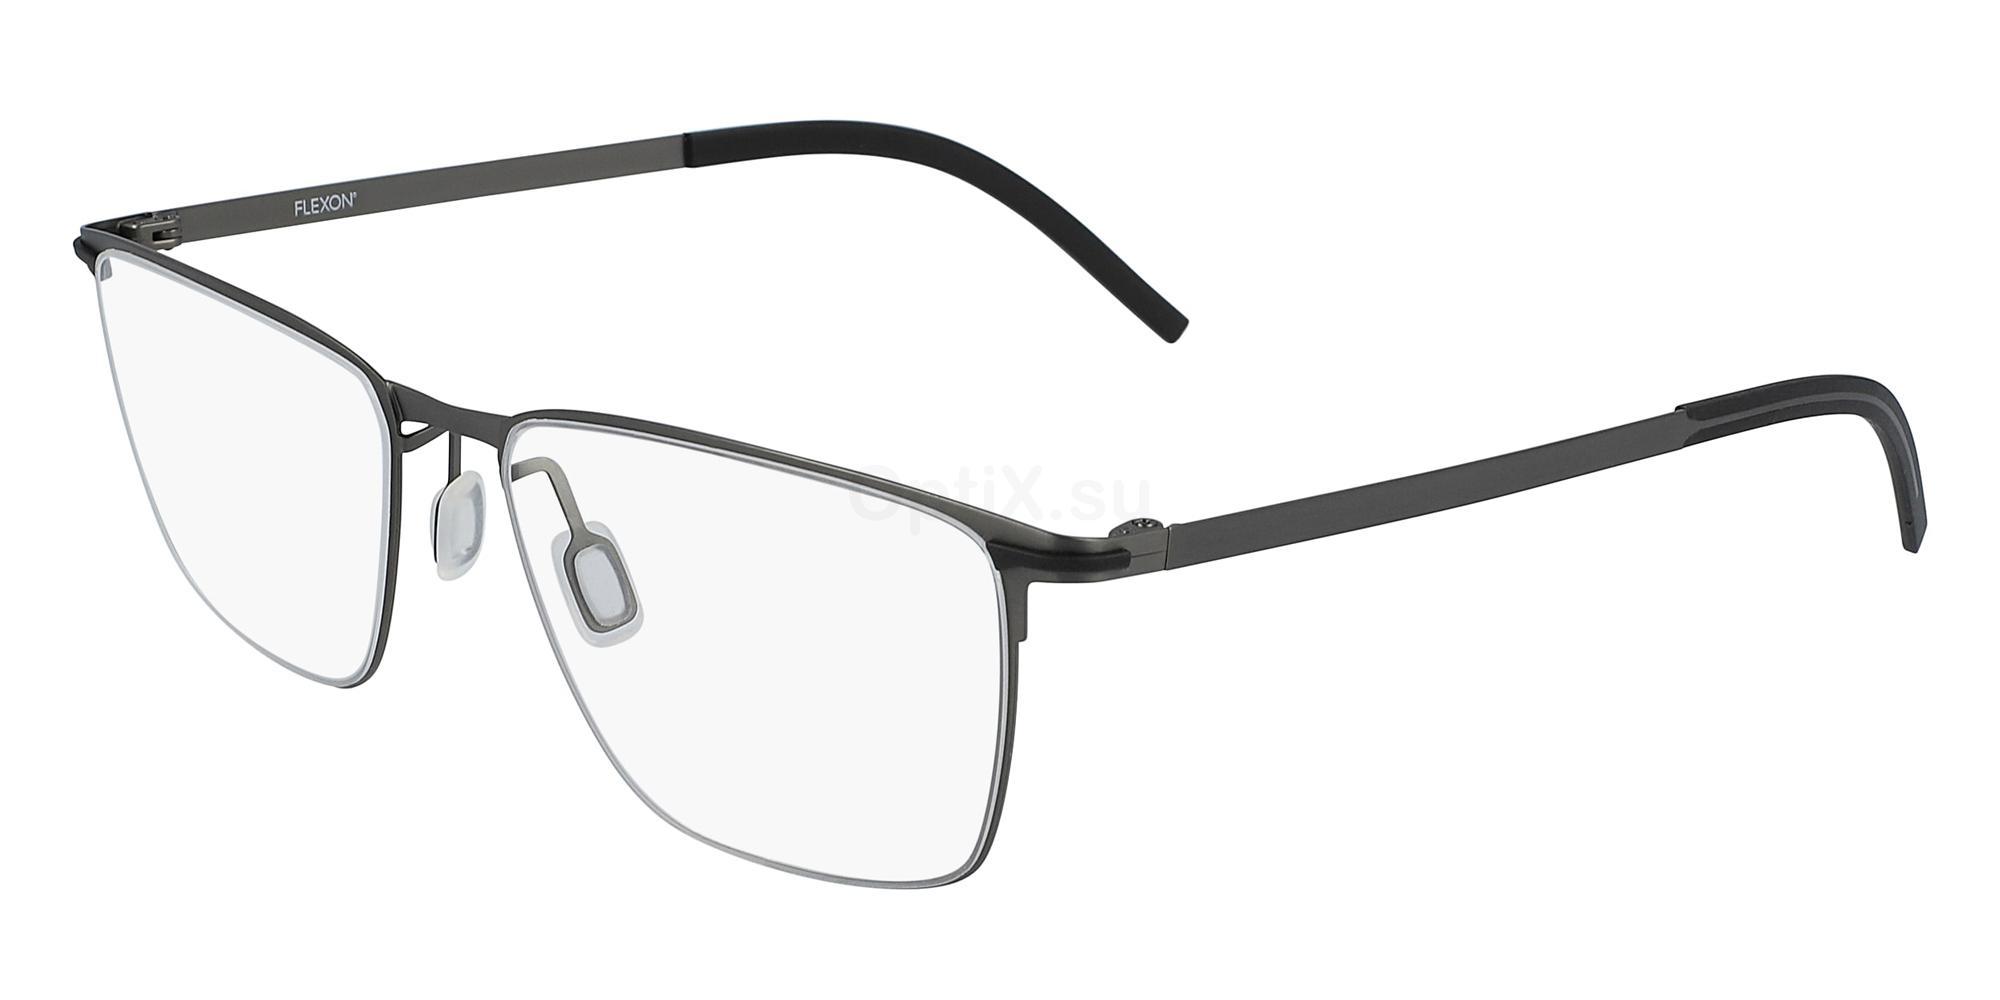 033 FLEXON B2001 Glasses, Flexon